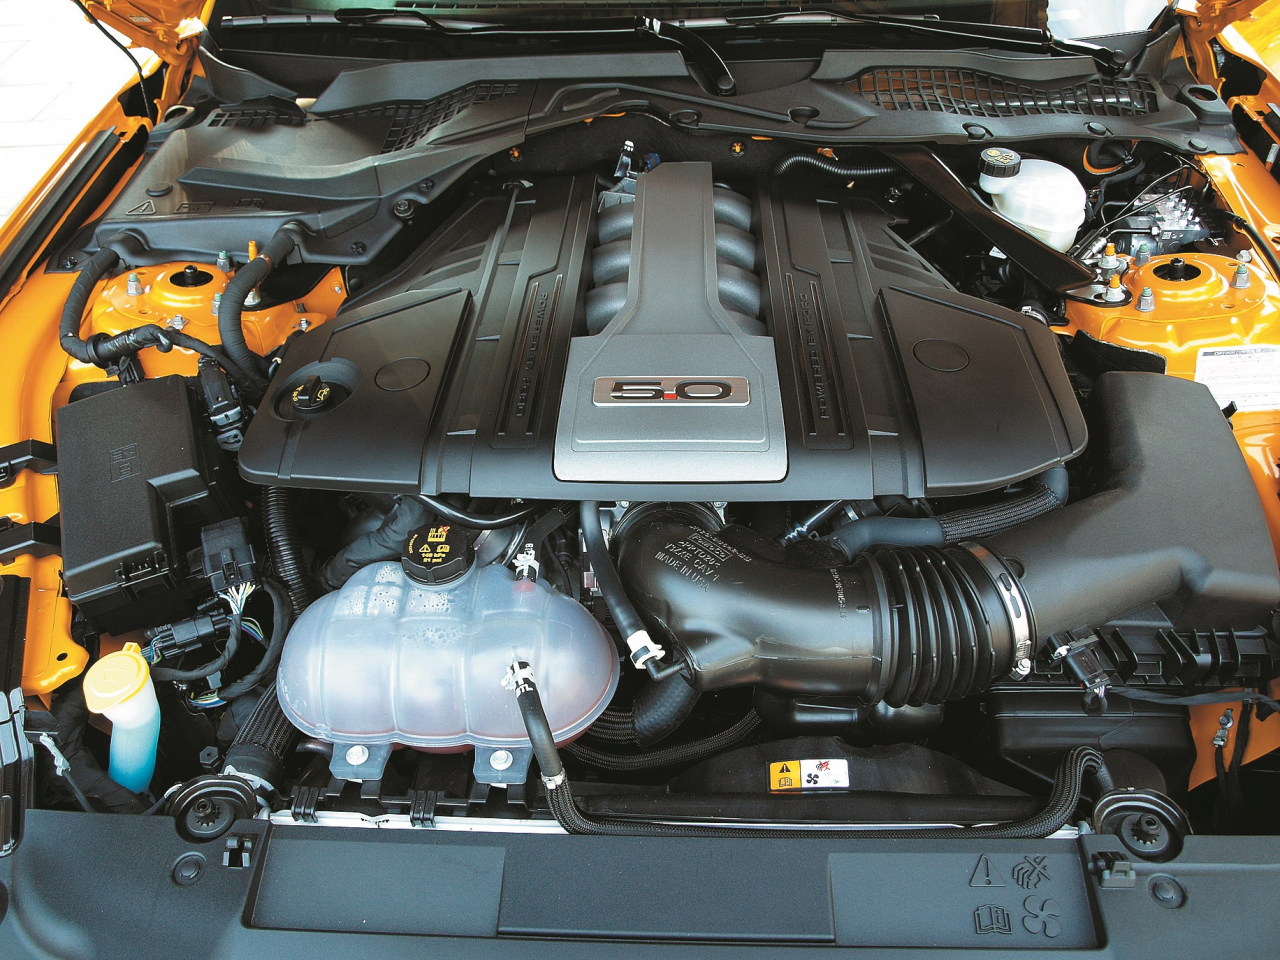 Slavenais astoņu cilindru 5 l benzīna dzinējs, kas atkal ir nedaudz uzlabots, padara auto priekšgalu smagāku nekā ar 2,3 l motoru aprīkotajam auto.